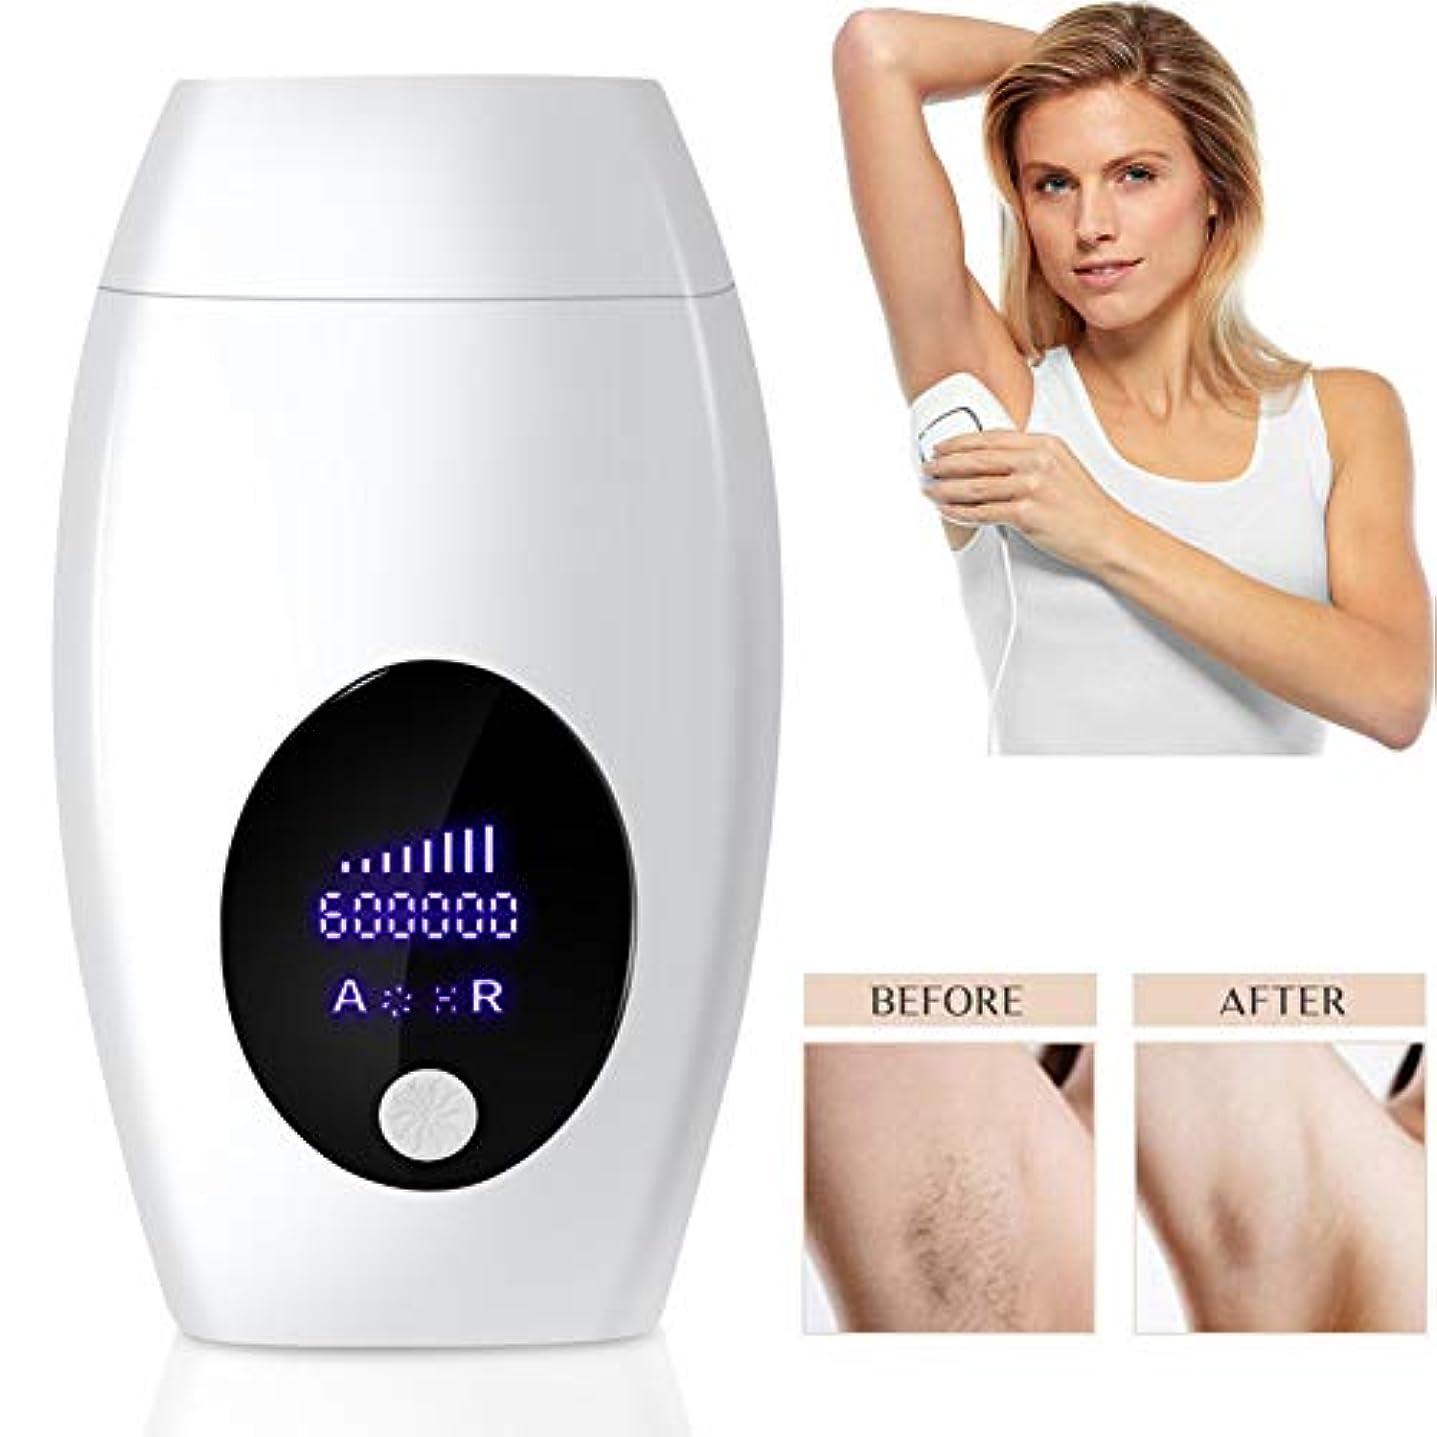 苦しむポイント札入れ永久IPL脱毛装置は、男性と女性が利用できます, 600,000回の閃光を伴う痛みのない脱毛器、体、顔、ビキニ、脇の下に適しています